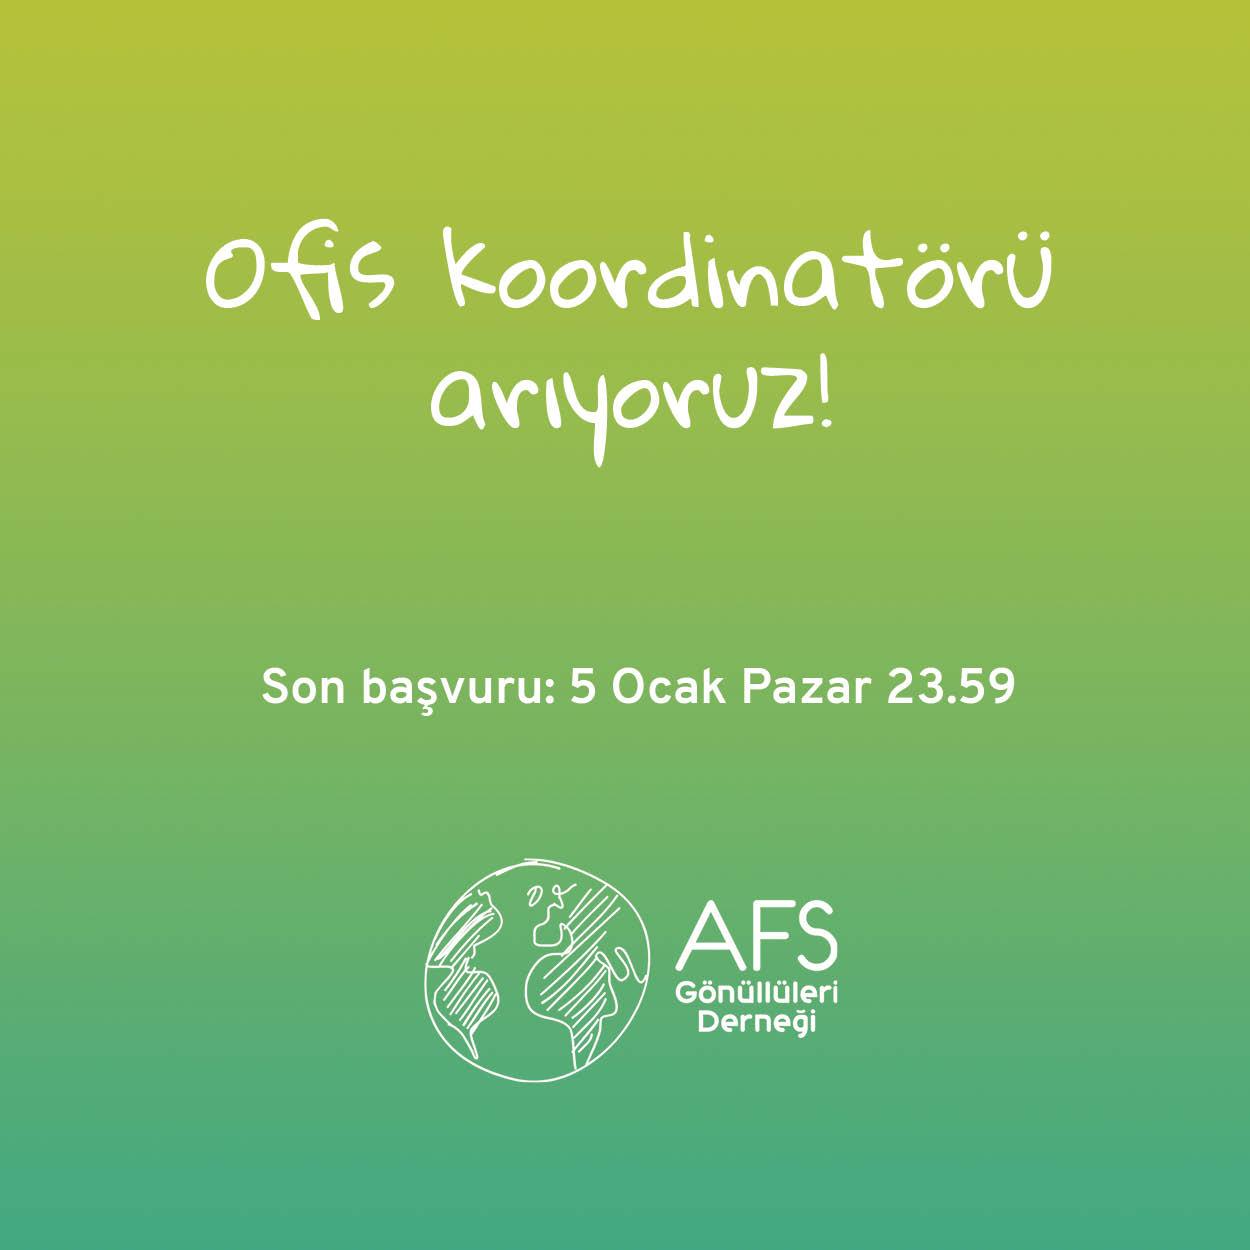 AFS Gönüllüleri Derneği Ofis Koordinatörü Arıyor